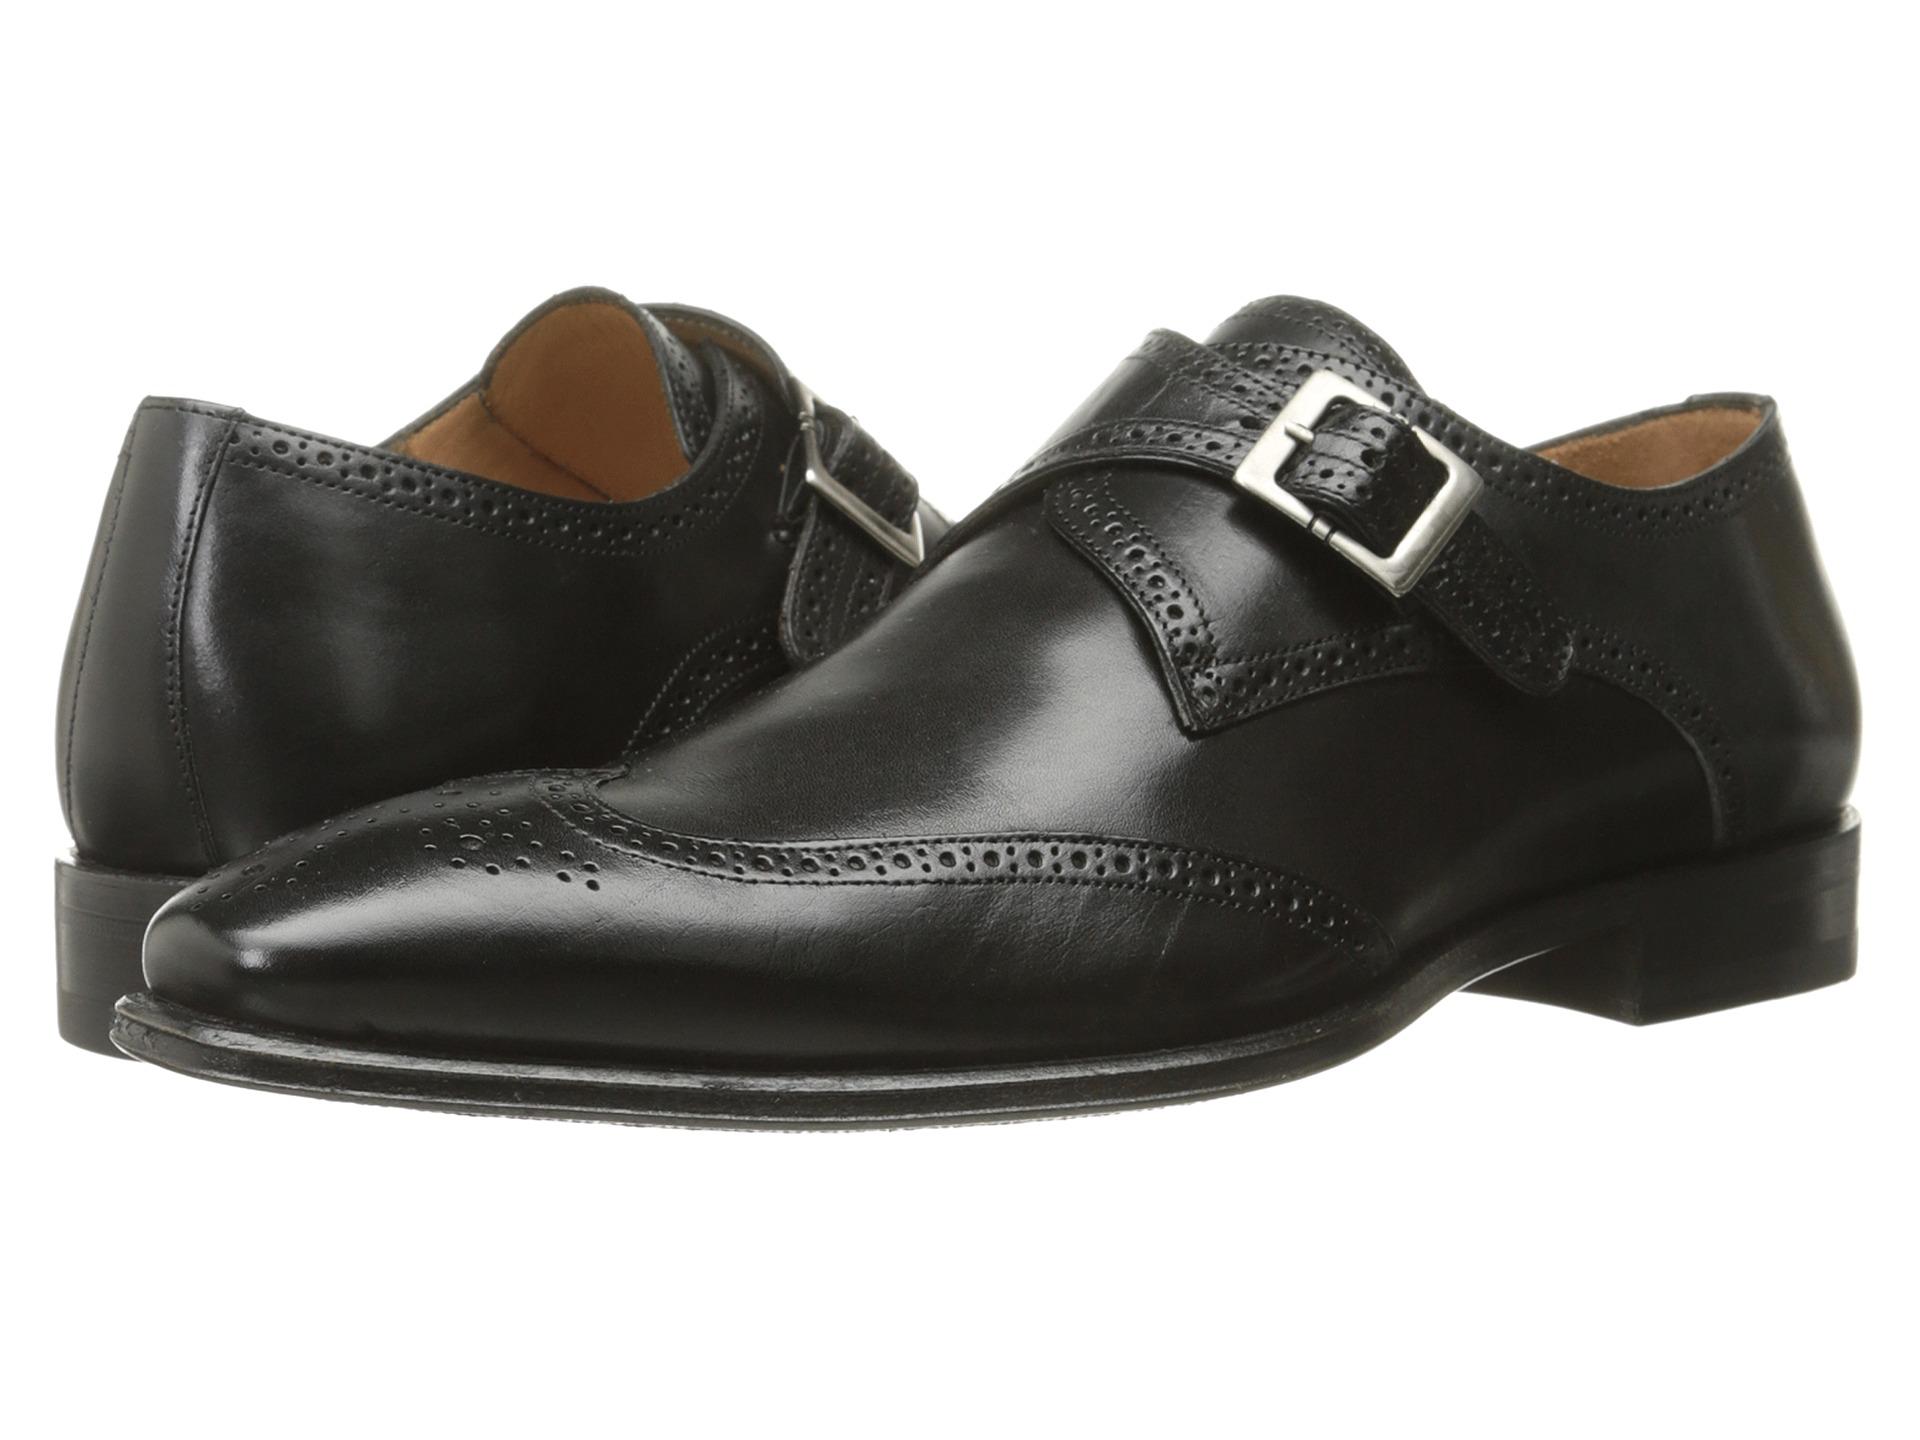 59adead95f9 Mezlan Men s VITORIA Fashion Monkstrap French Calf BLACK Shoes 5985 ...